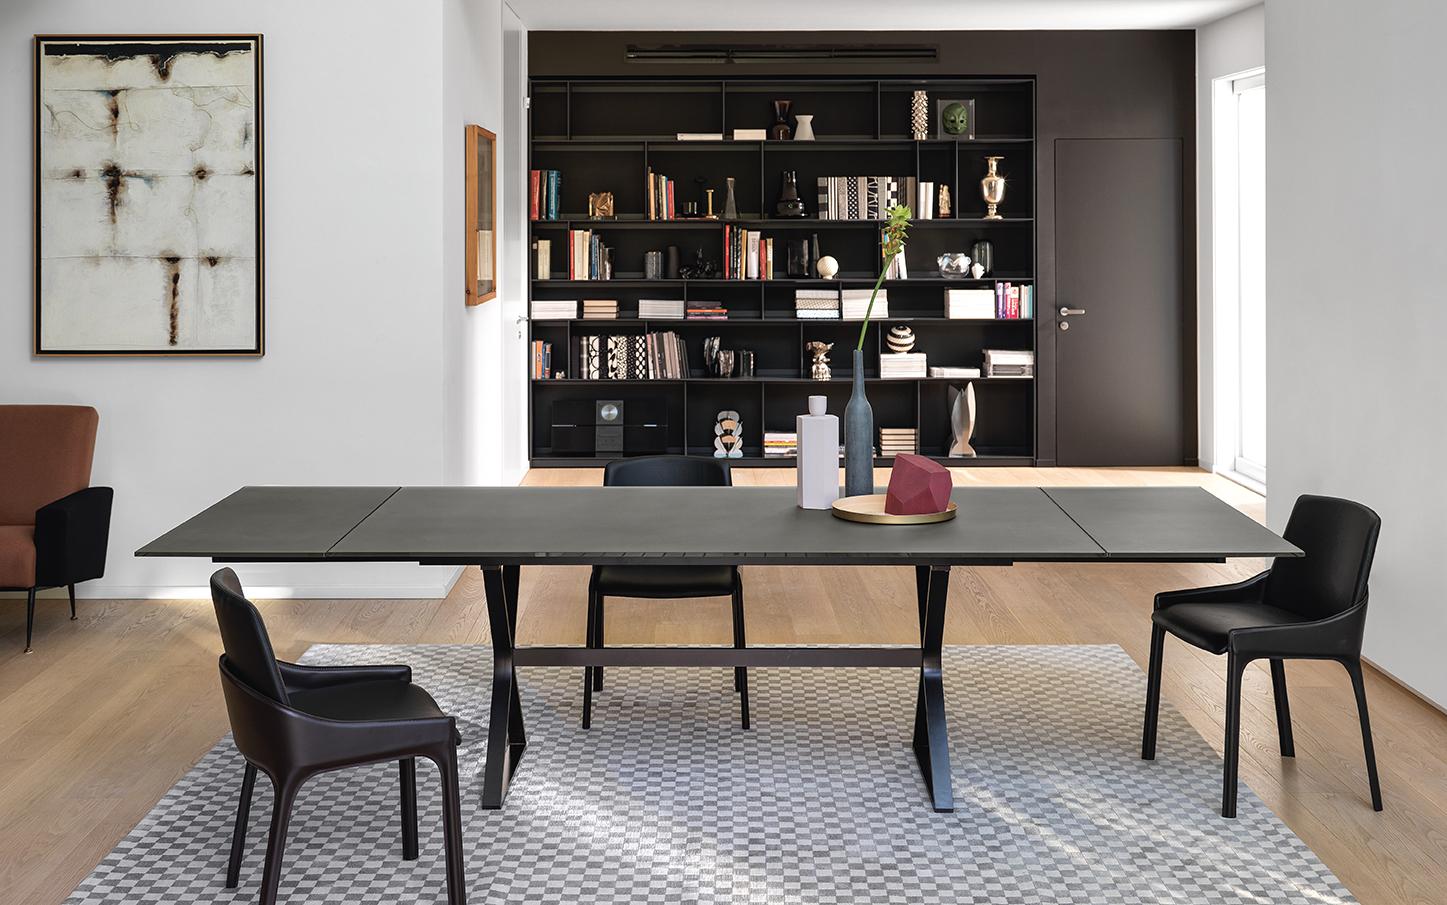 Marini Home Design E Rivenditore Ufficiale Dei Mobili In Vetro Fiam Scopri Il Catalogo Marini Home Design